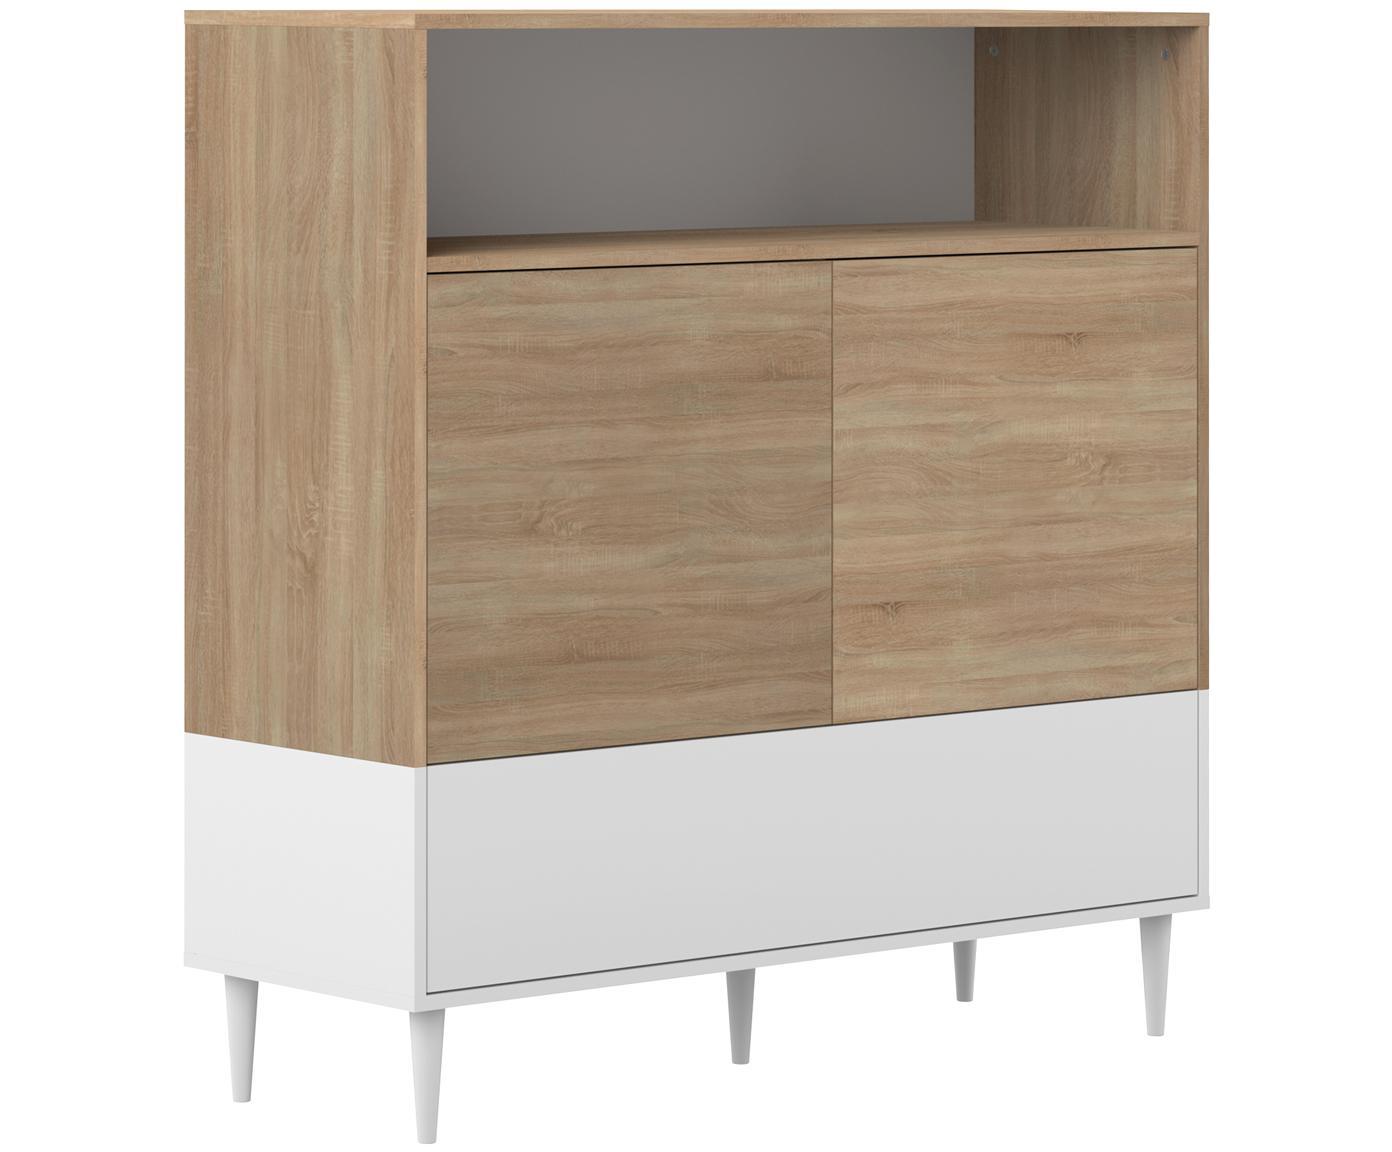 Wysoka komoda scandi Horizon, Korpus: płyta wiórowa pokryta mel, Nogi: lite drewno bukowe, lakie, Drewno dębowe, biały, S 120 x W 121 cm